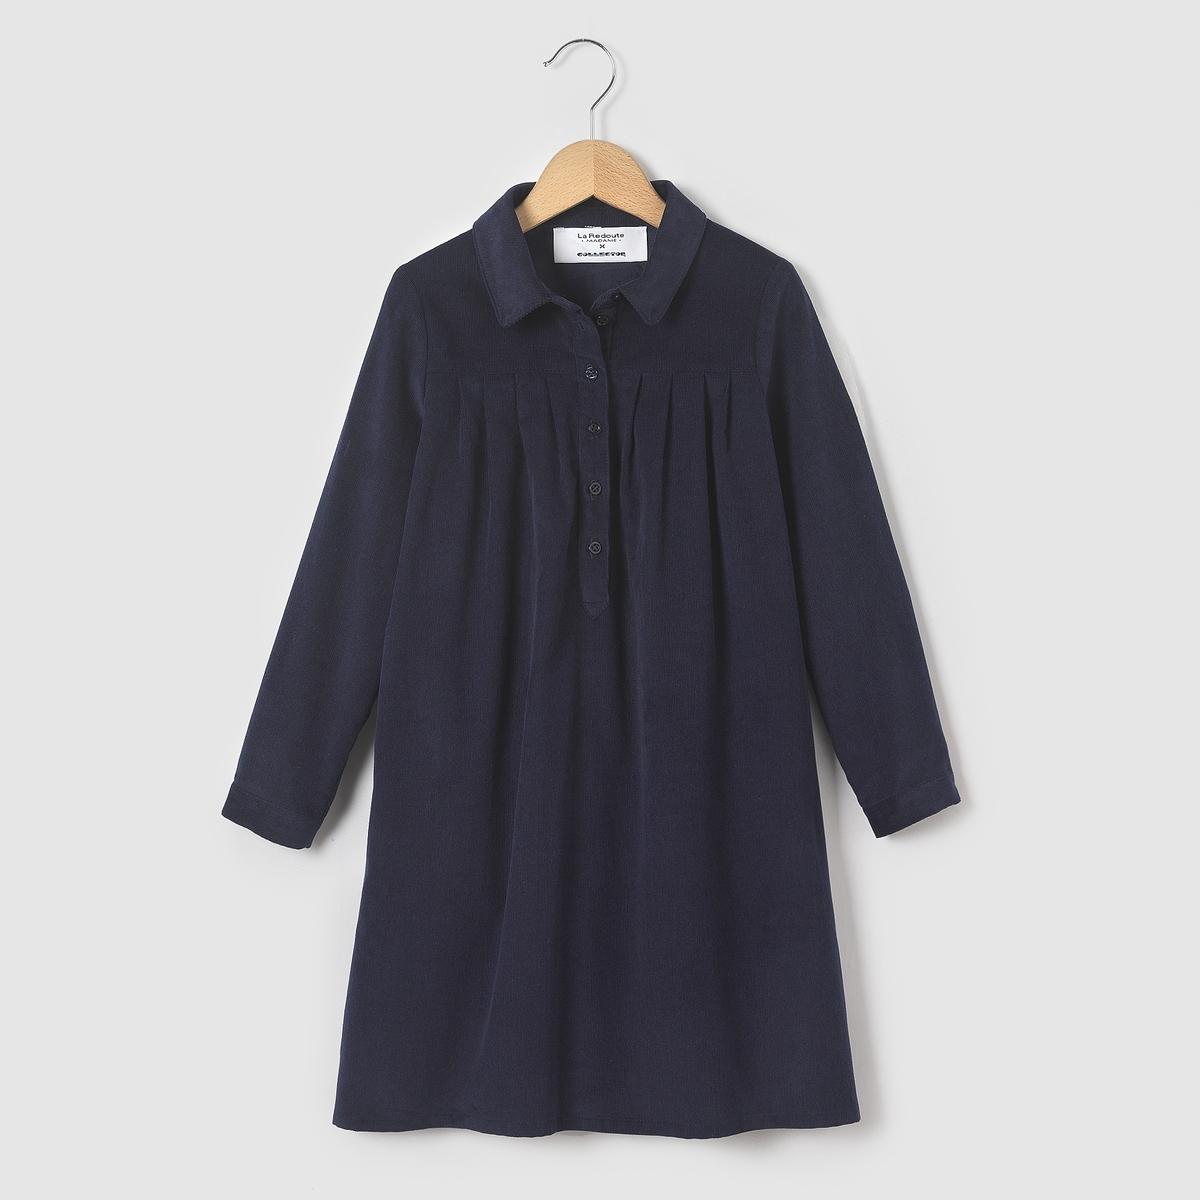 Платье-рубашка из велюра COLLECTOR, 3-12 лет